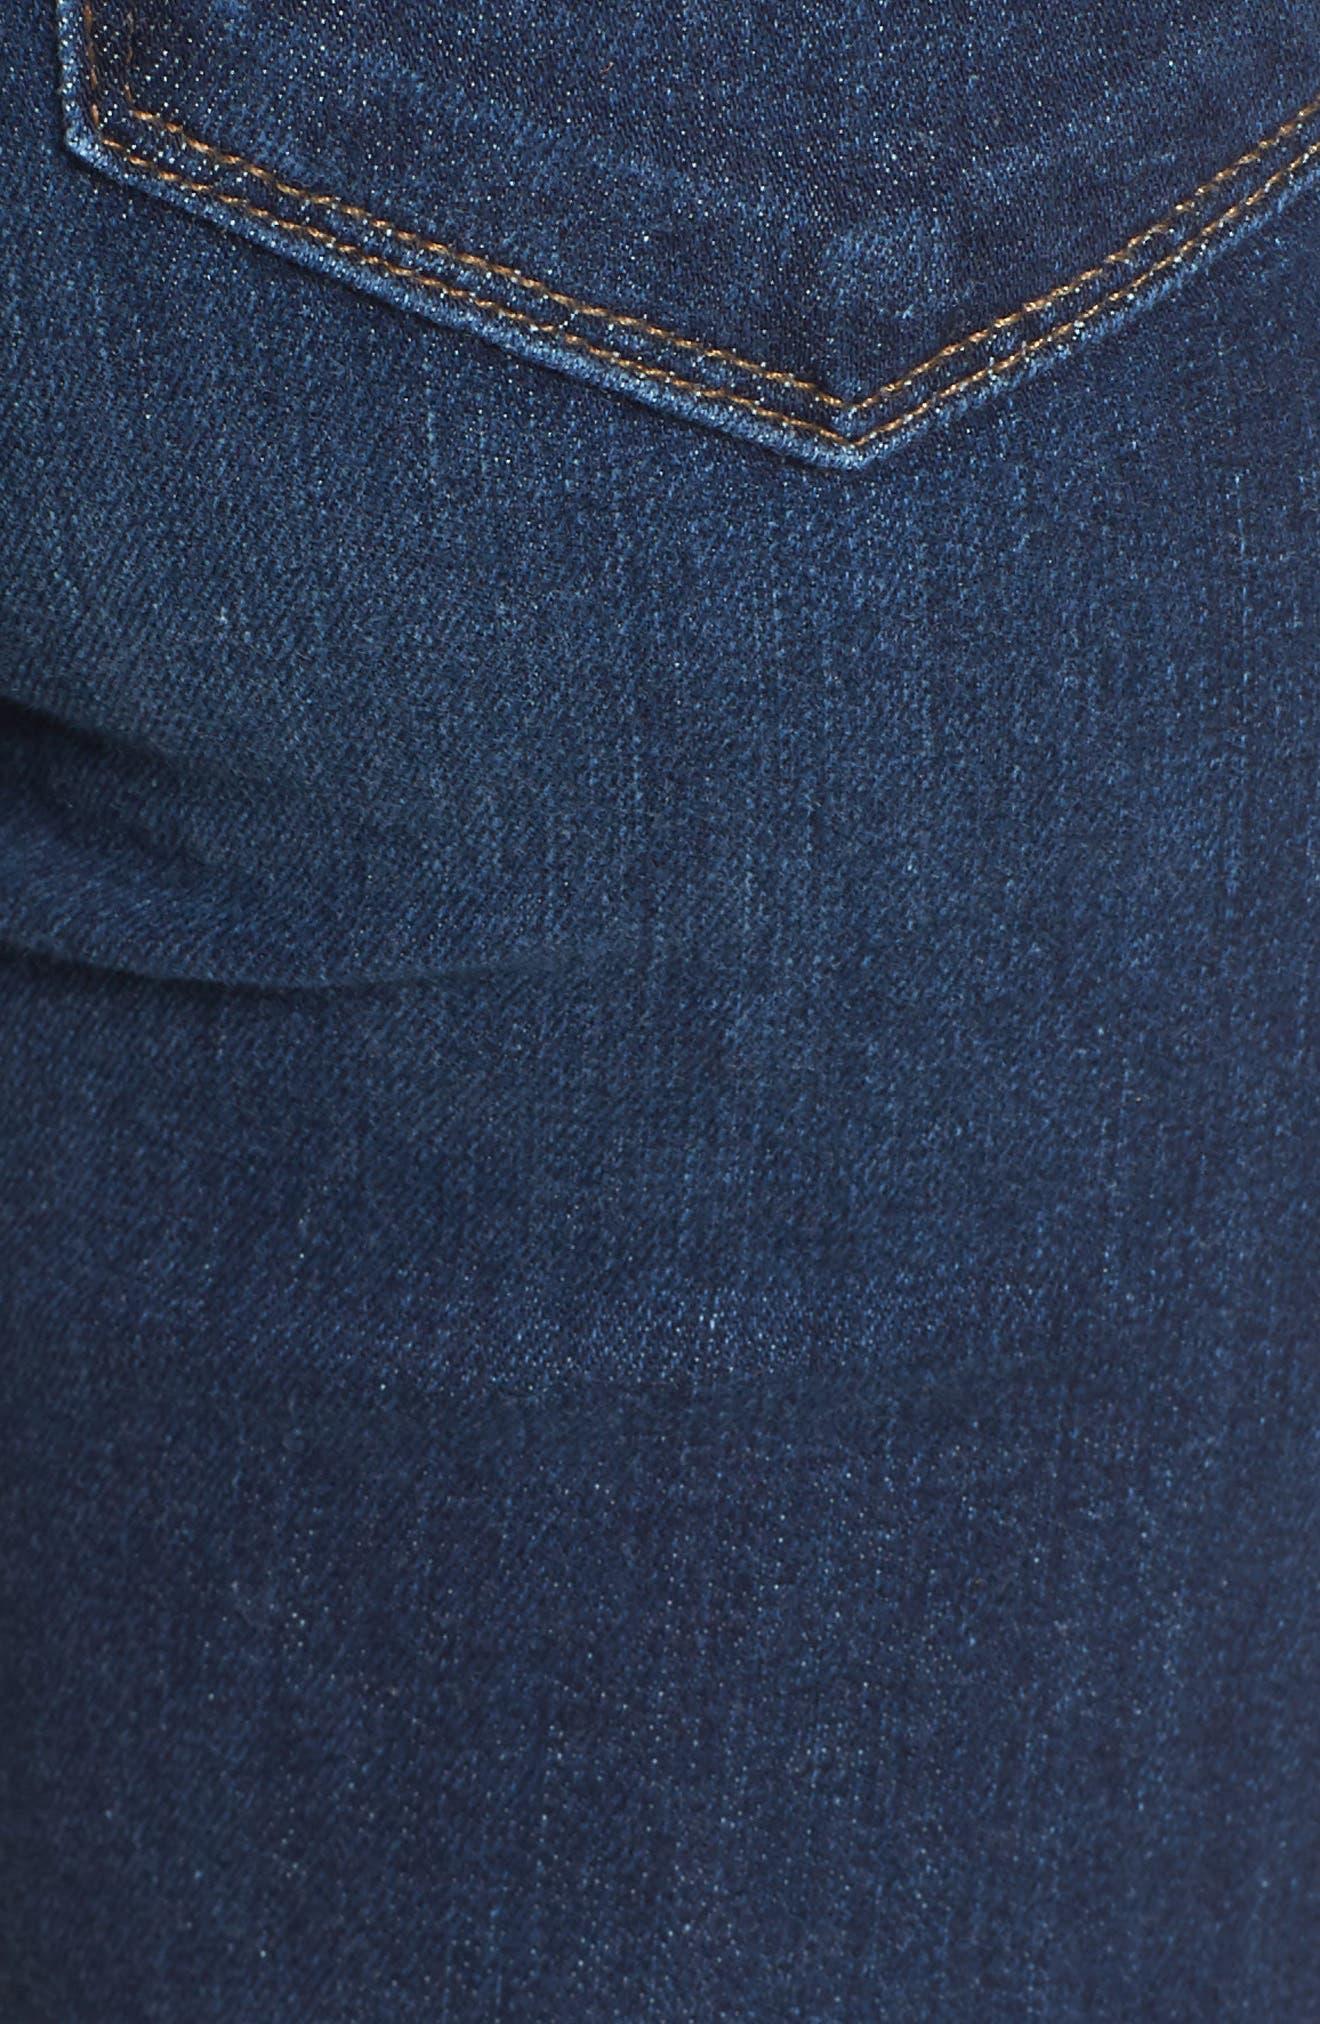 Verdugo Transcend Vintage Crop Skinny Jeans,                             Alternate thumbnail 6, color,                             400